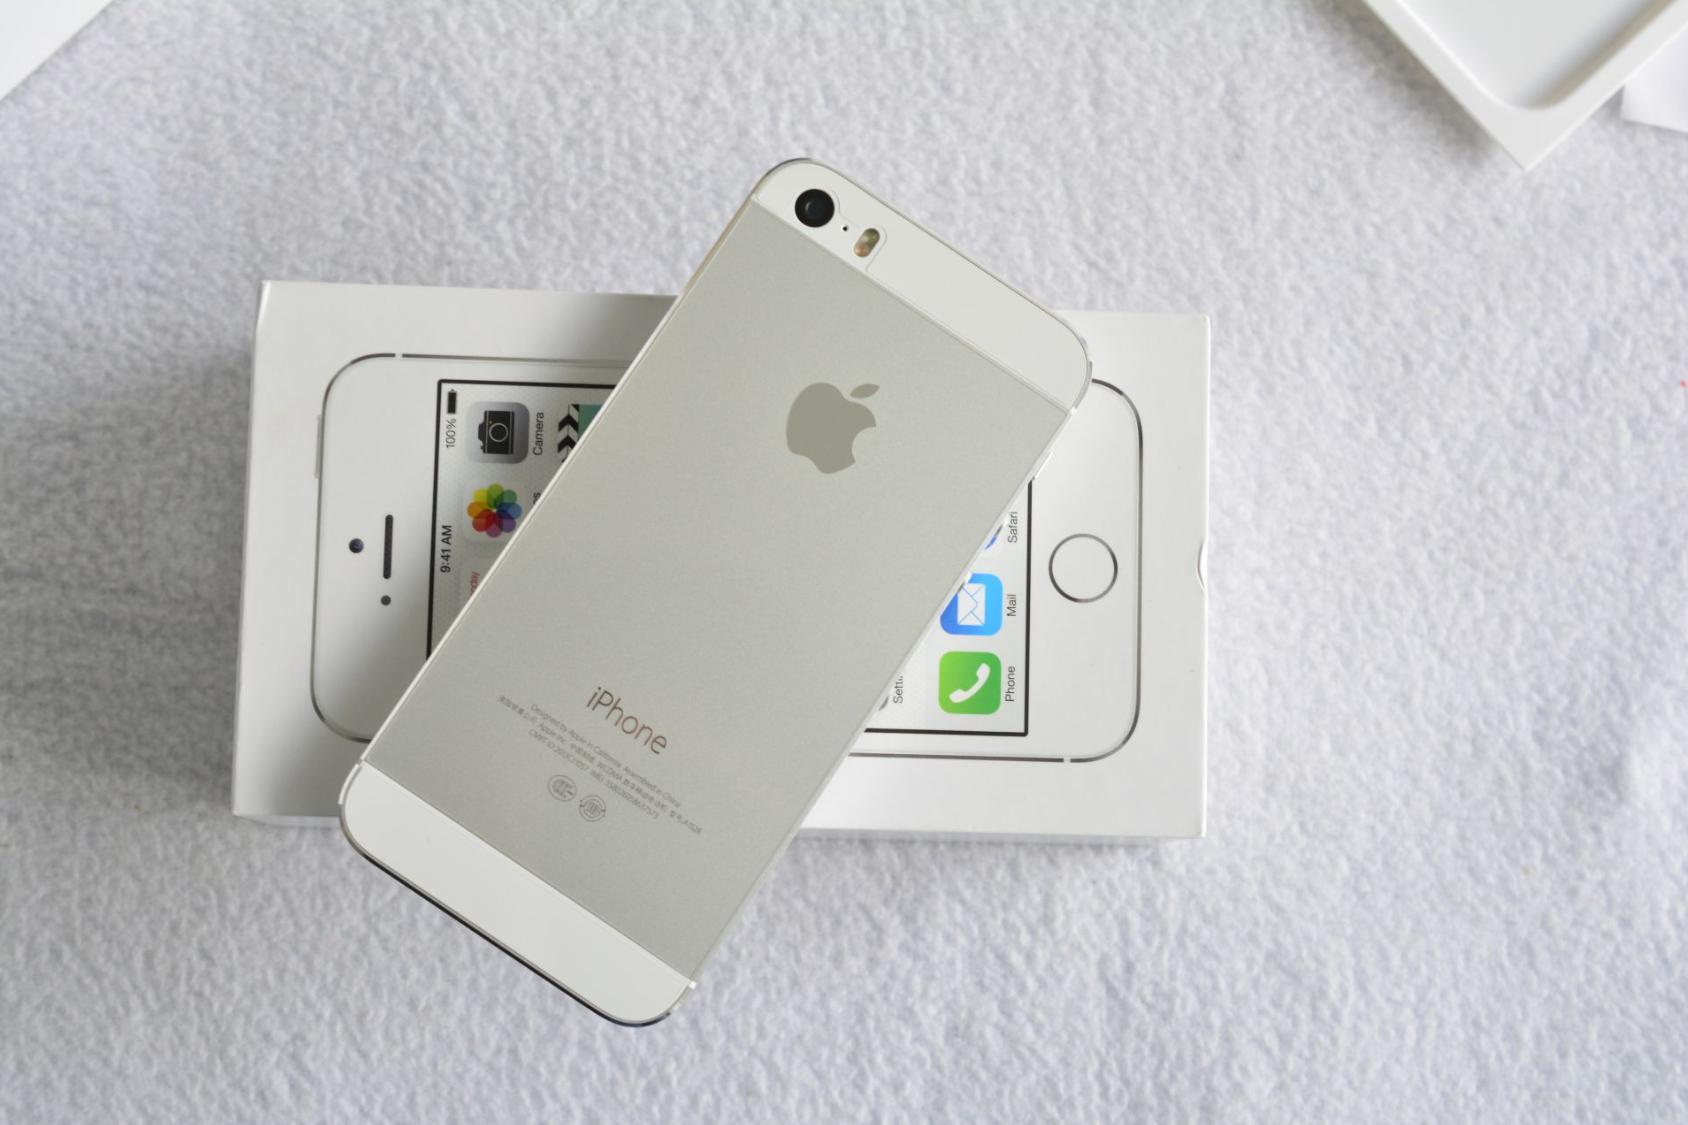 iPhone停用问题处理方式